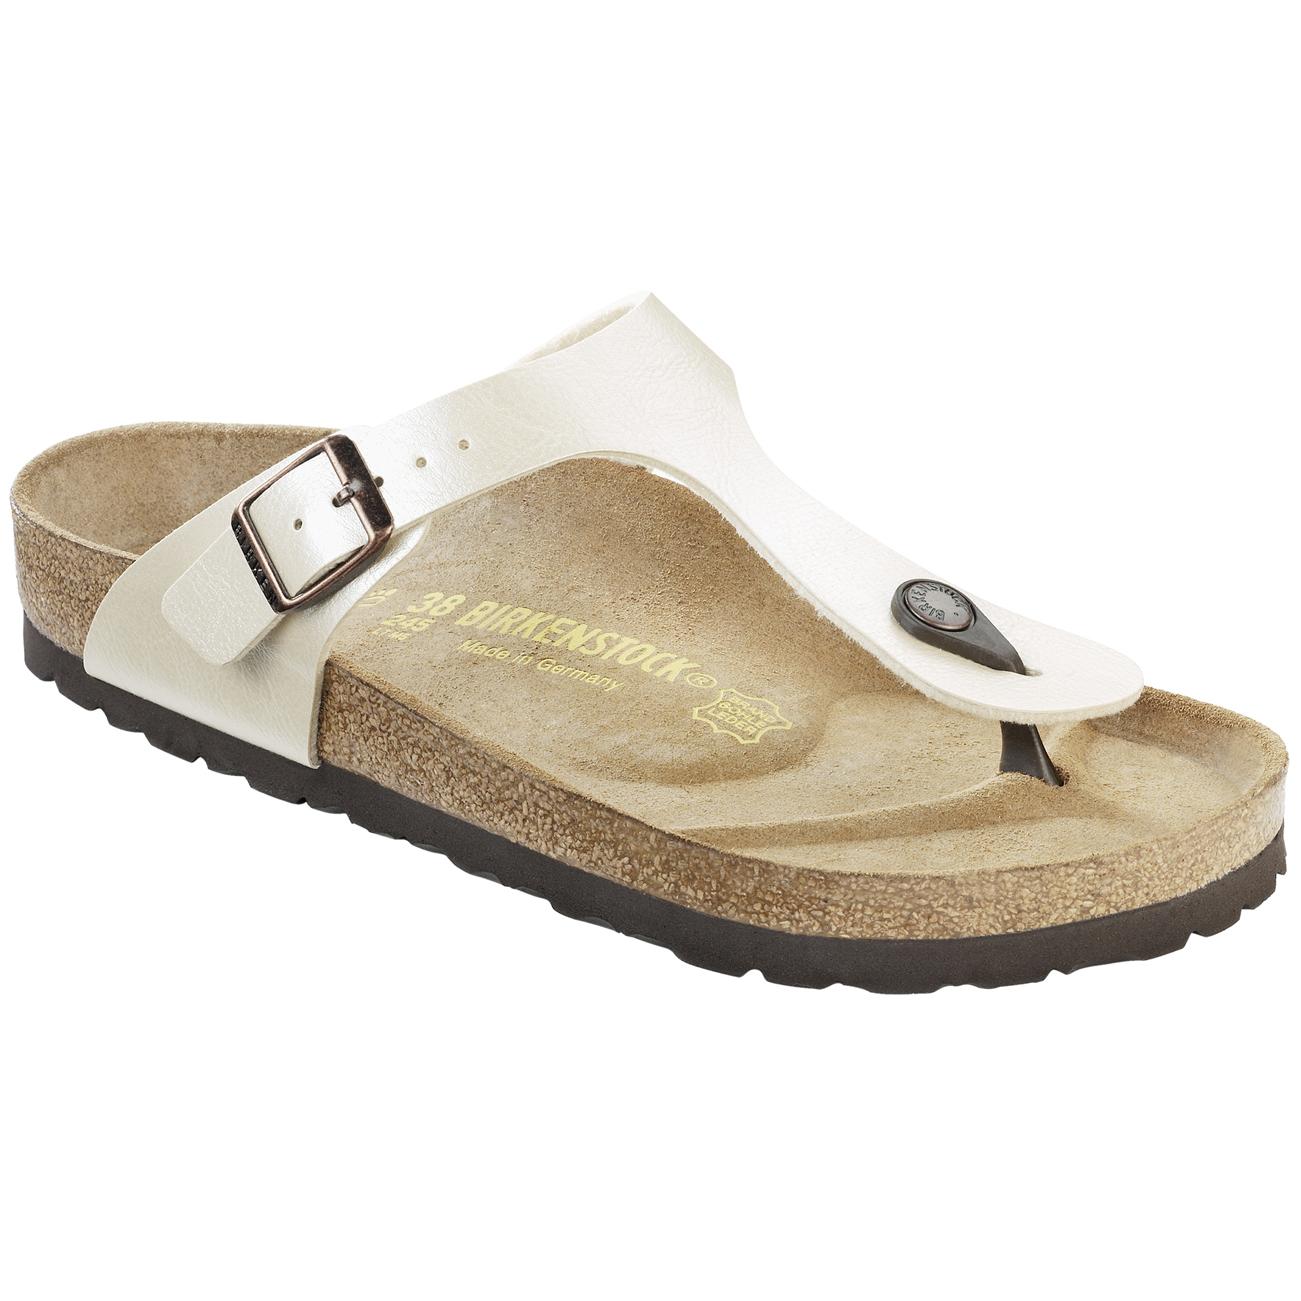 d8d7c5465275 Womens Birkenstock Gizeh Birko-Flor Beach Holiday Summer Flat Flip Flops US  5-11